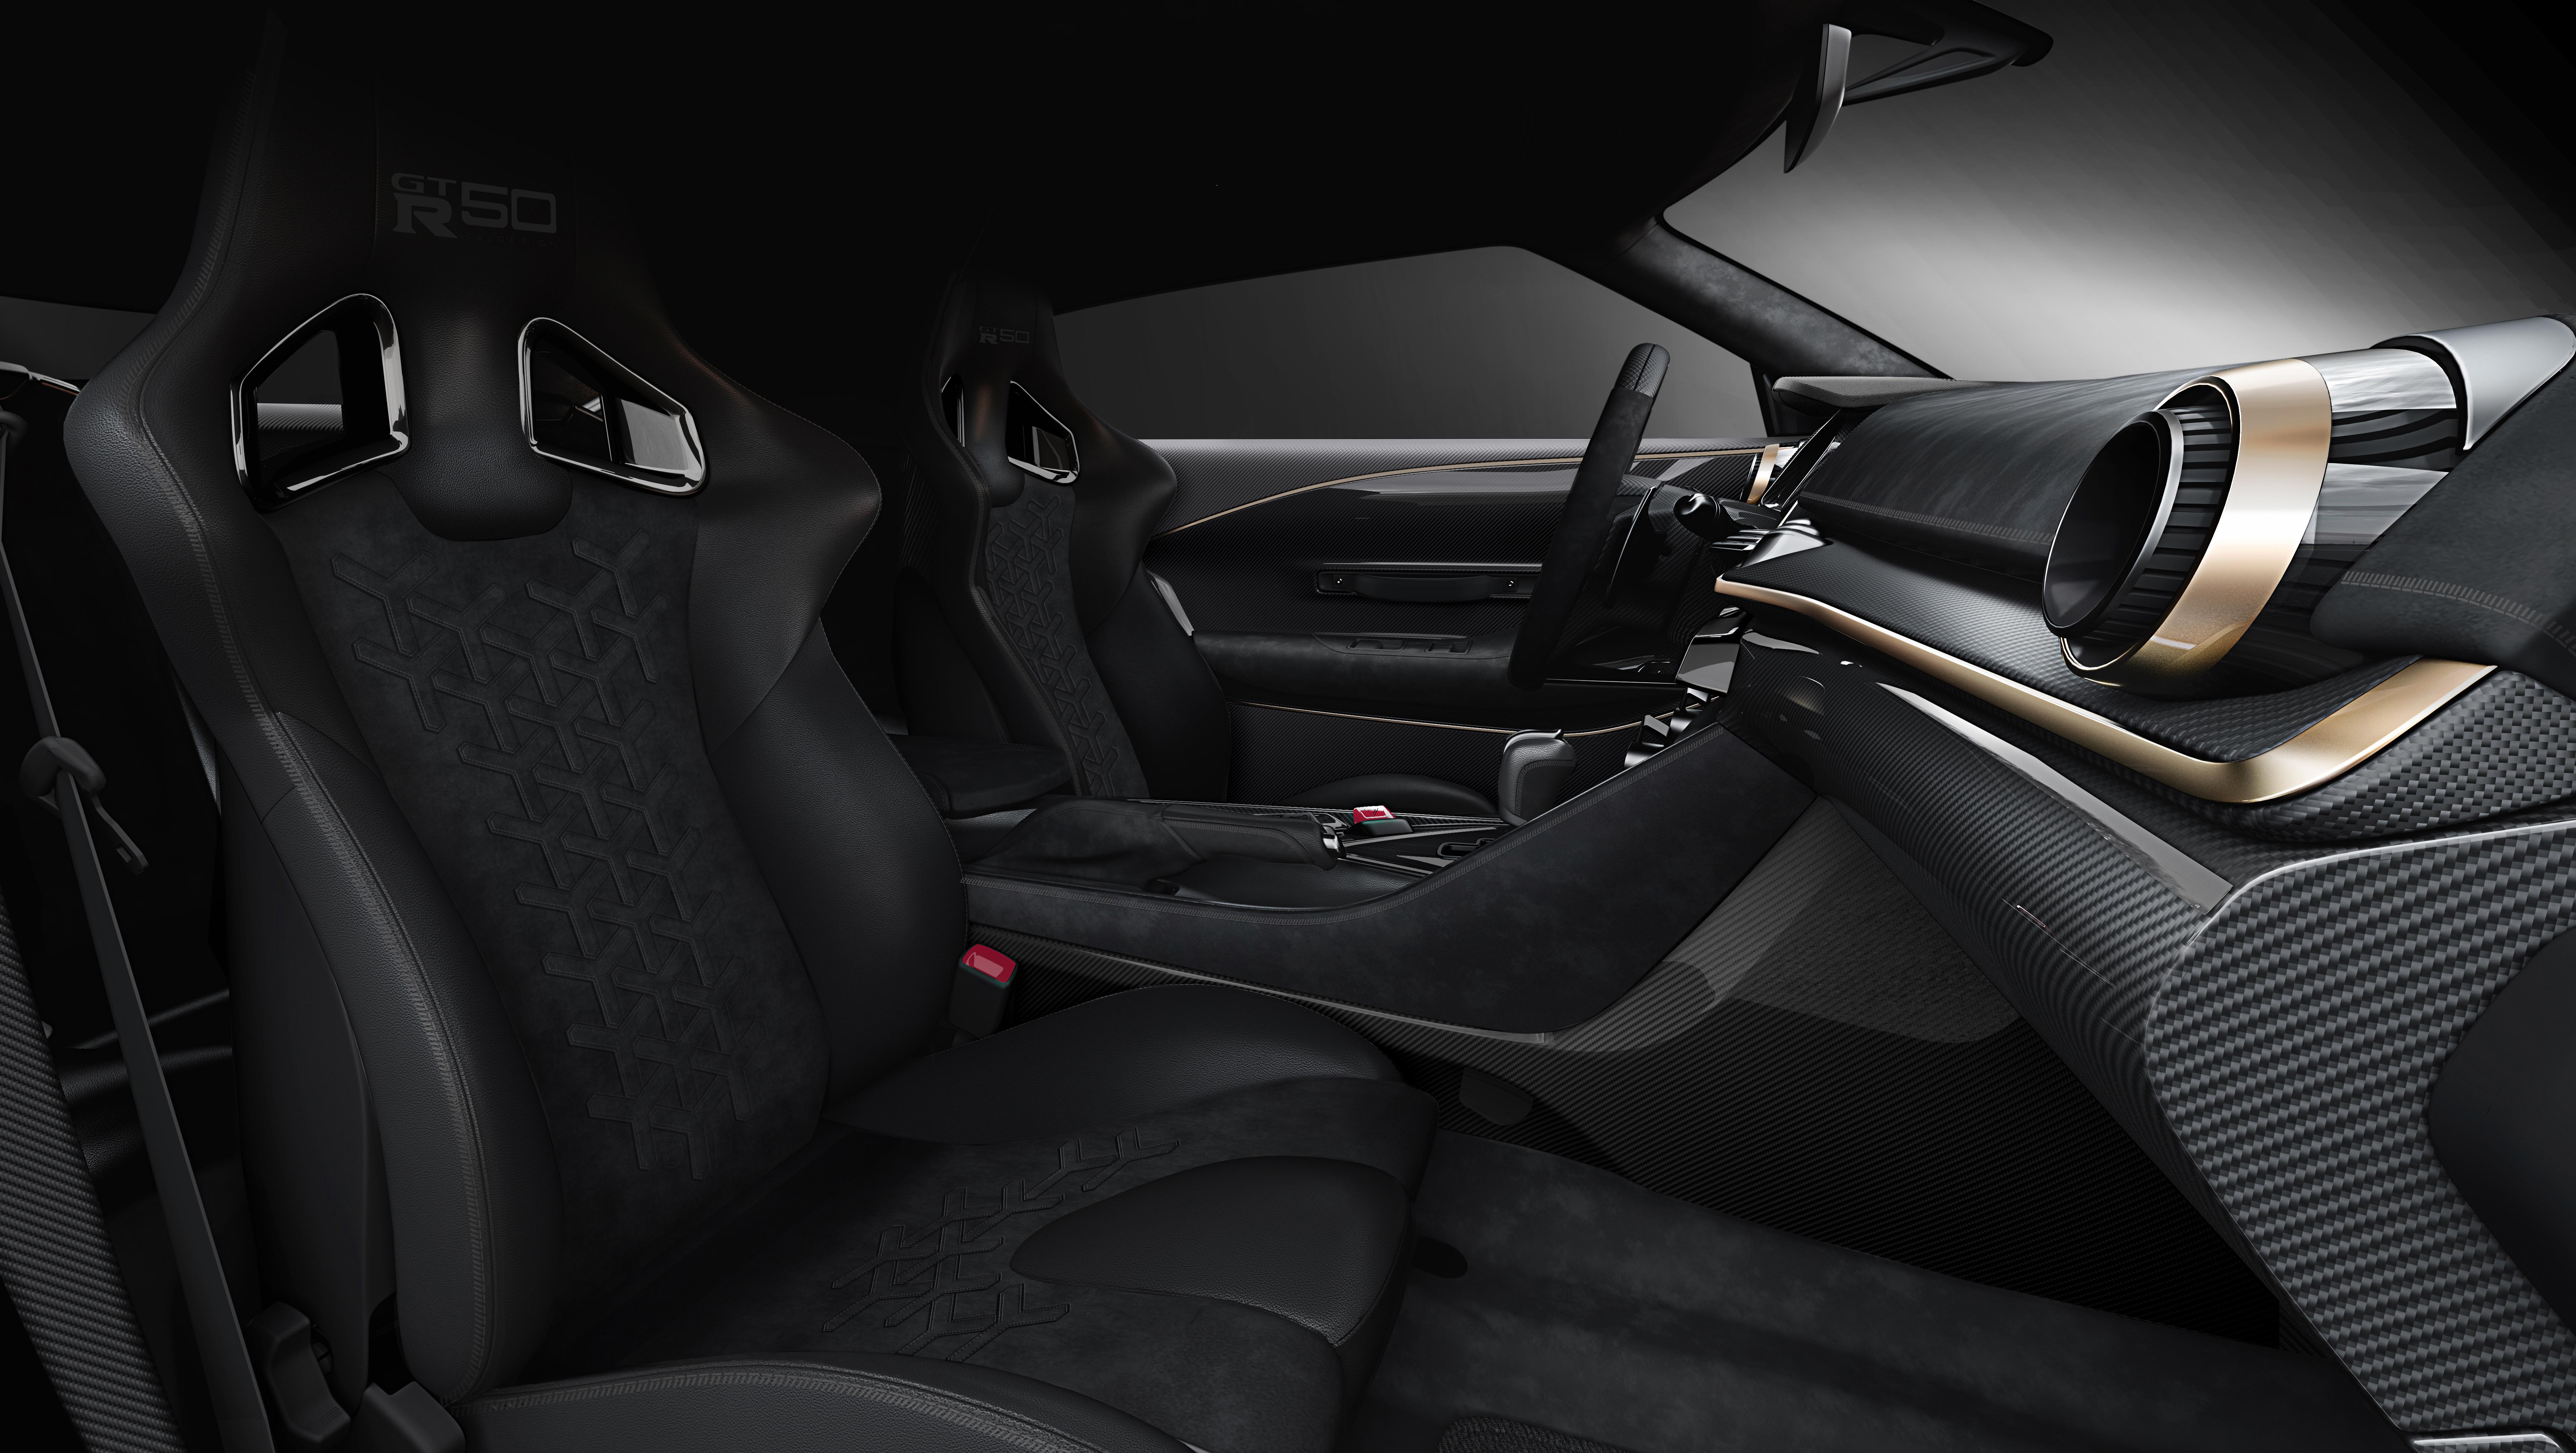 Nissan gt-r50 italdesign interior dashboard